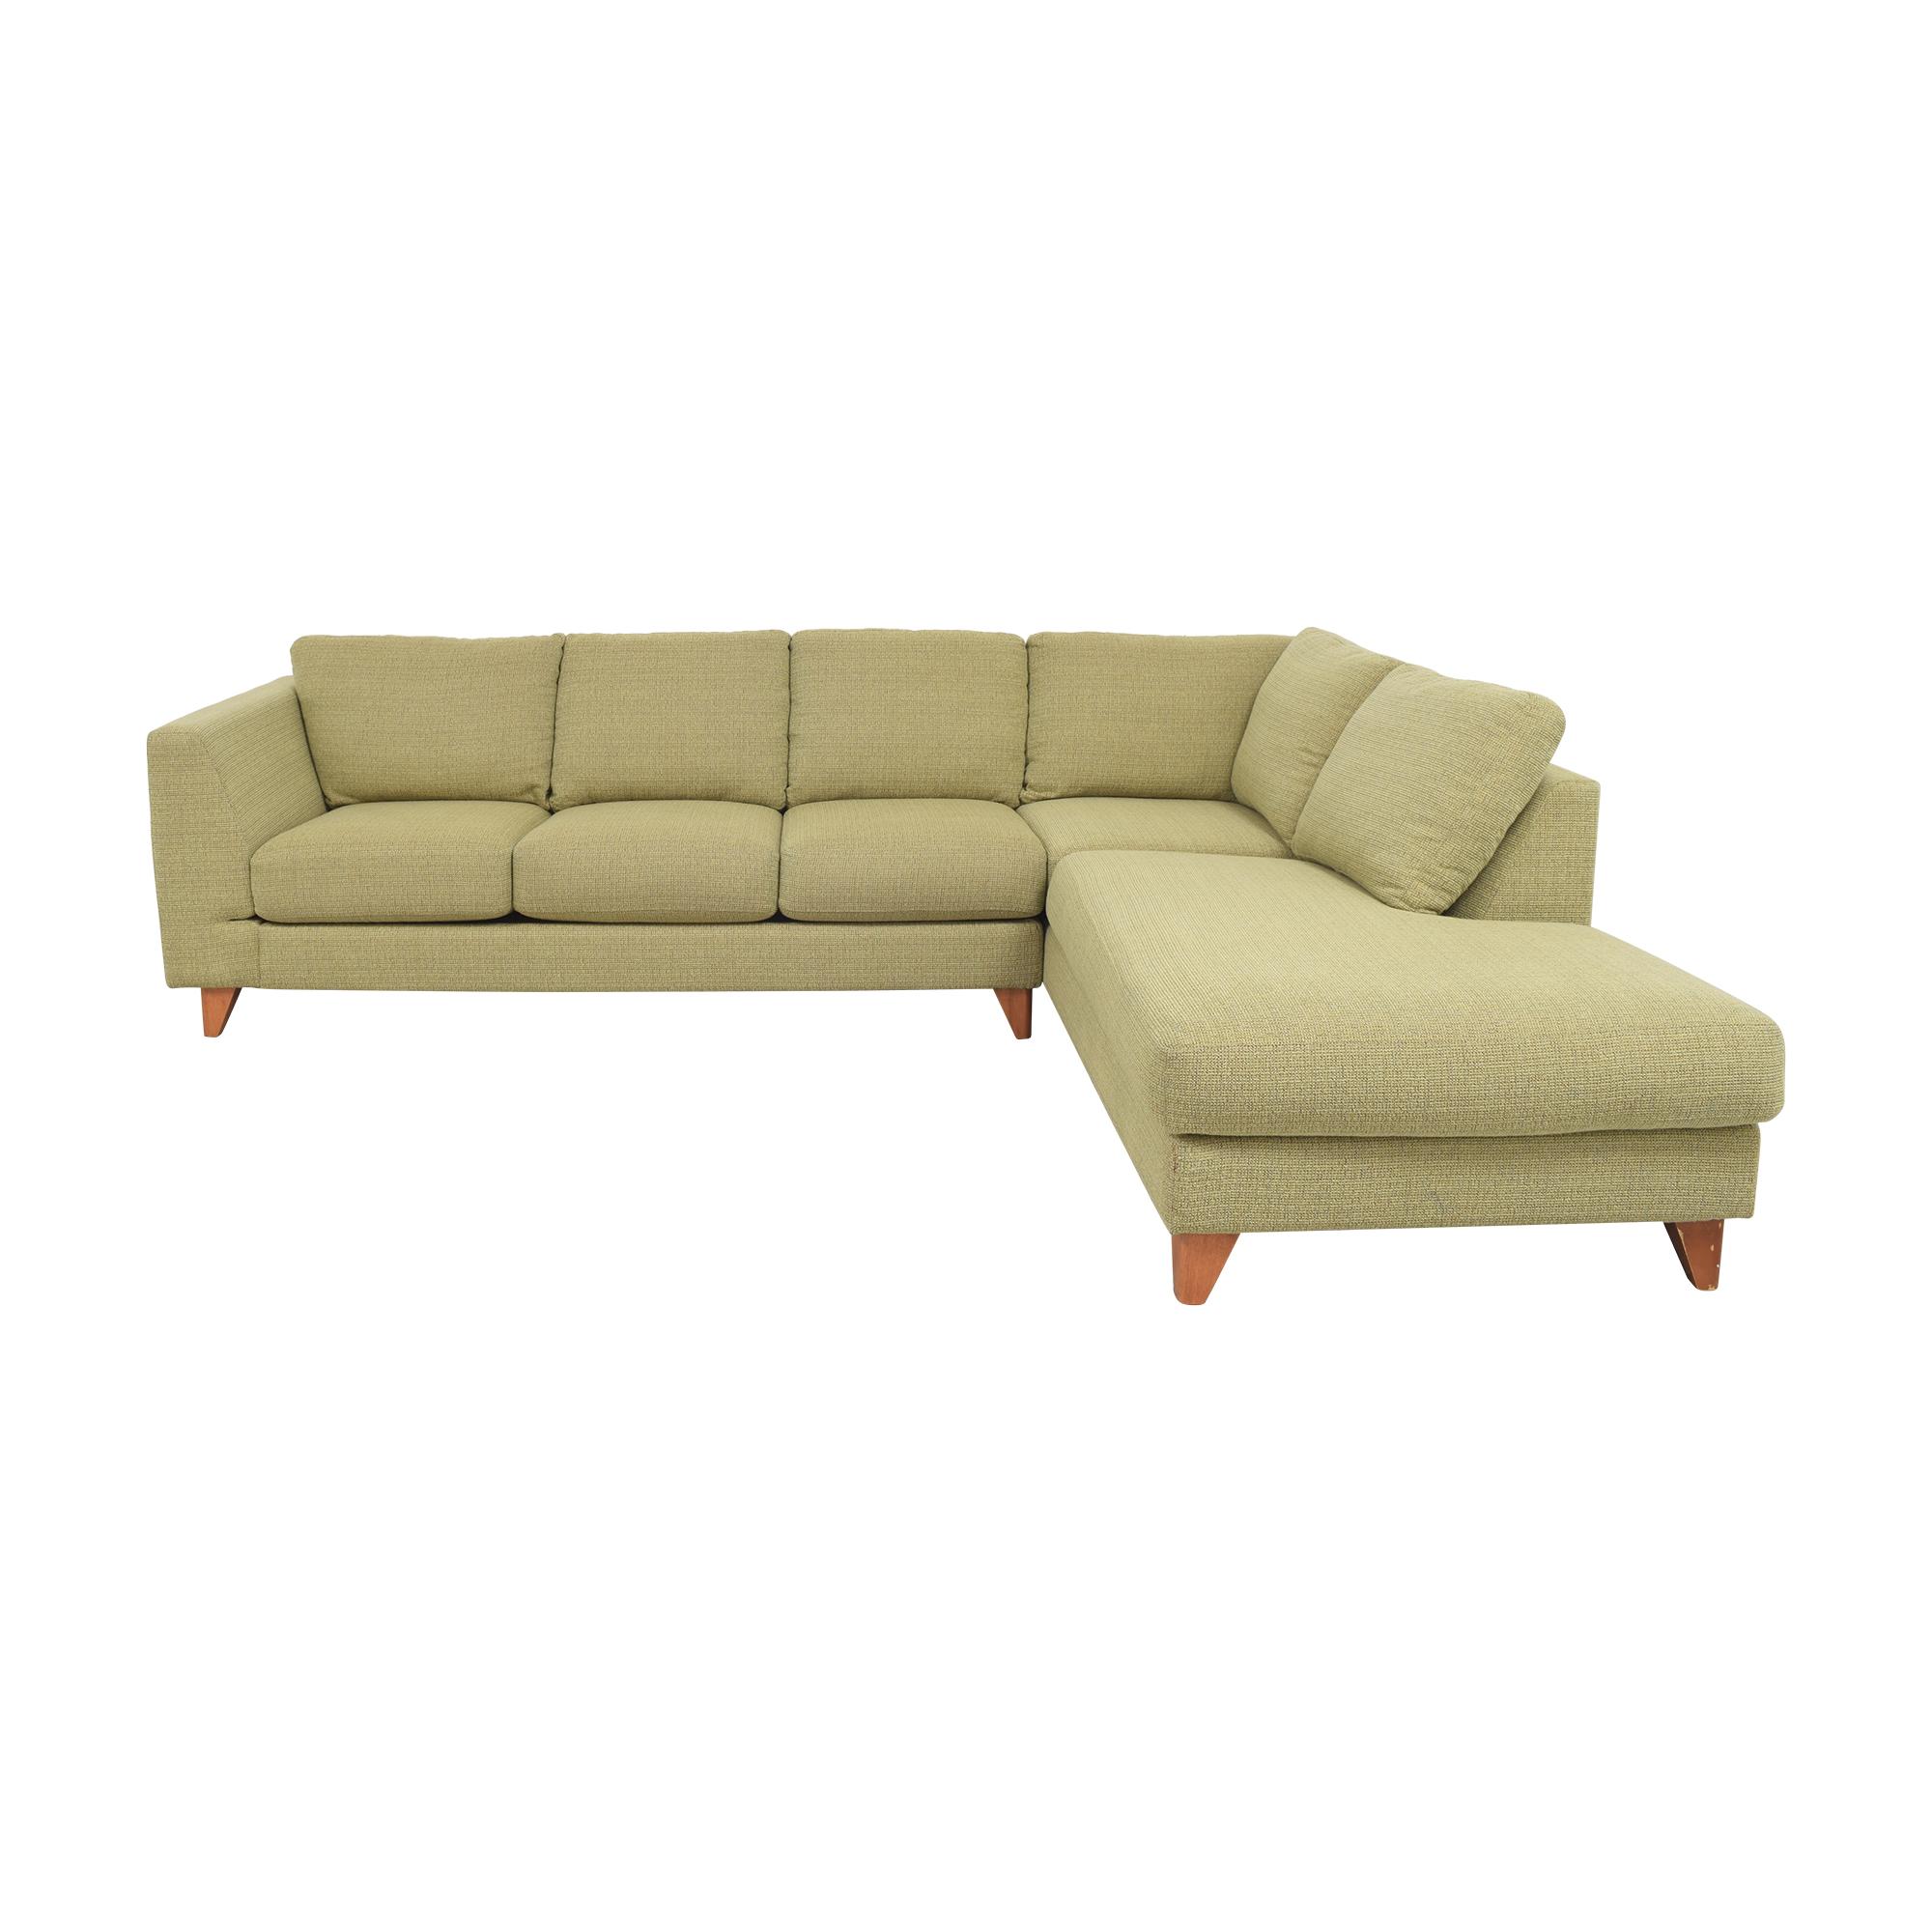 Jaymar Jaymar Chaise Sectional Sofa discount